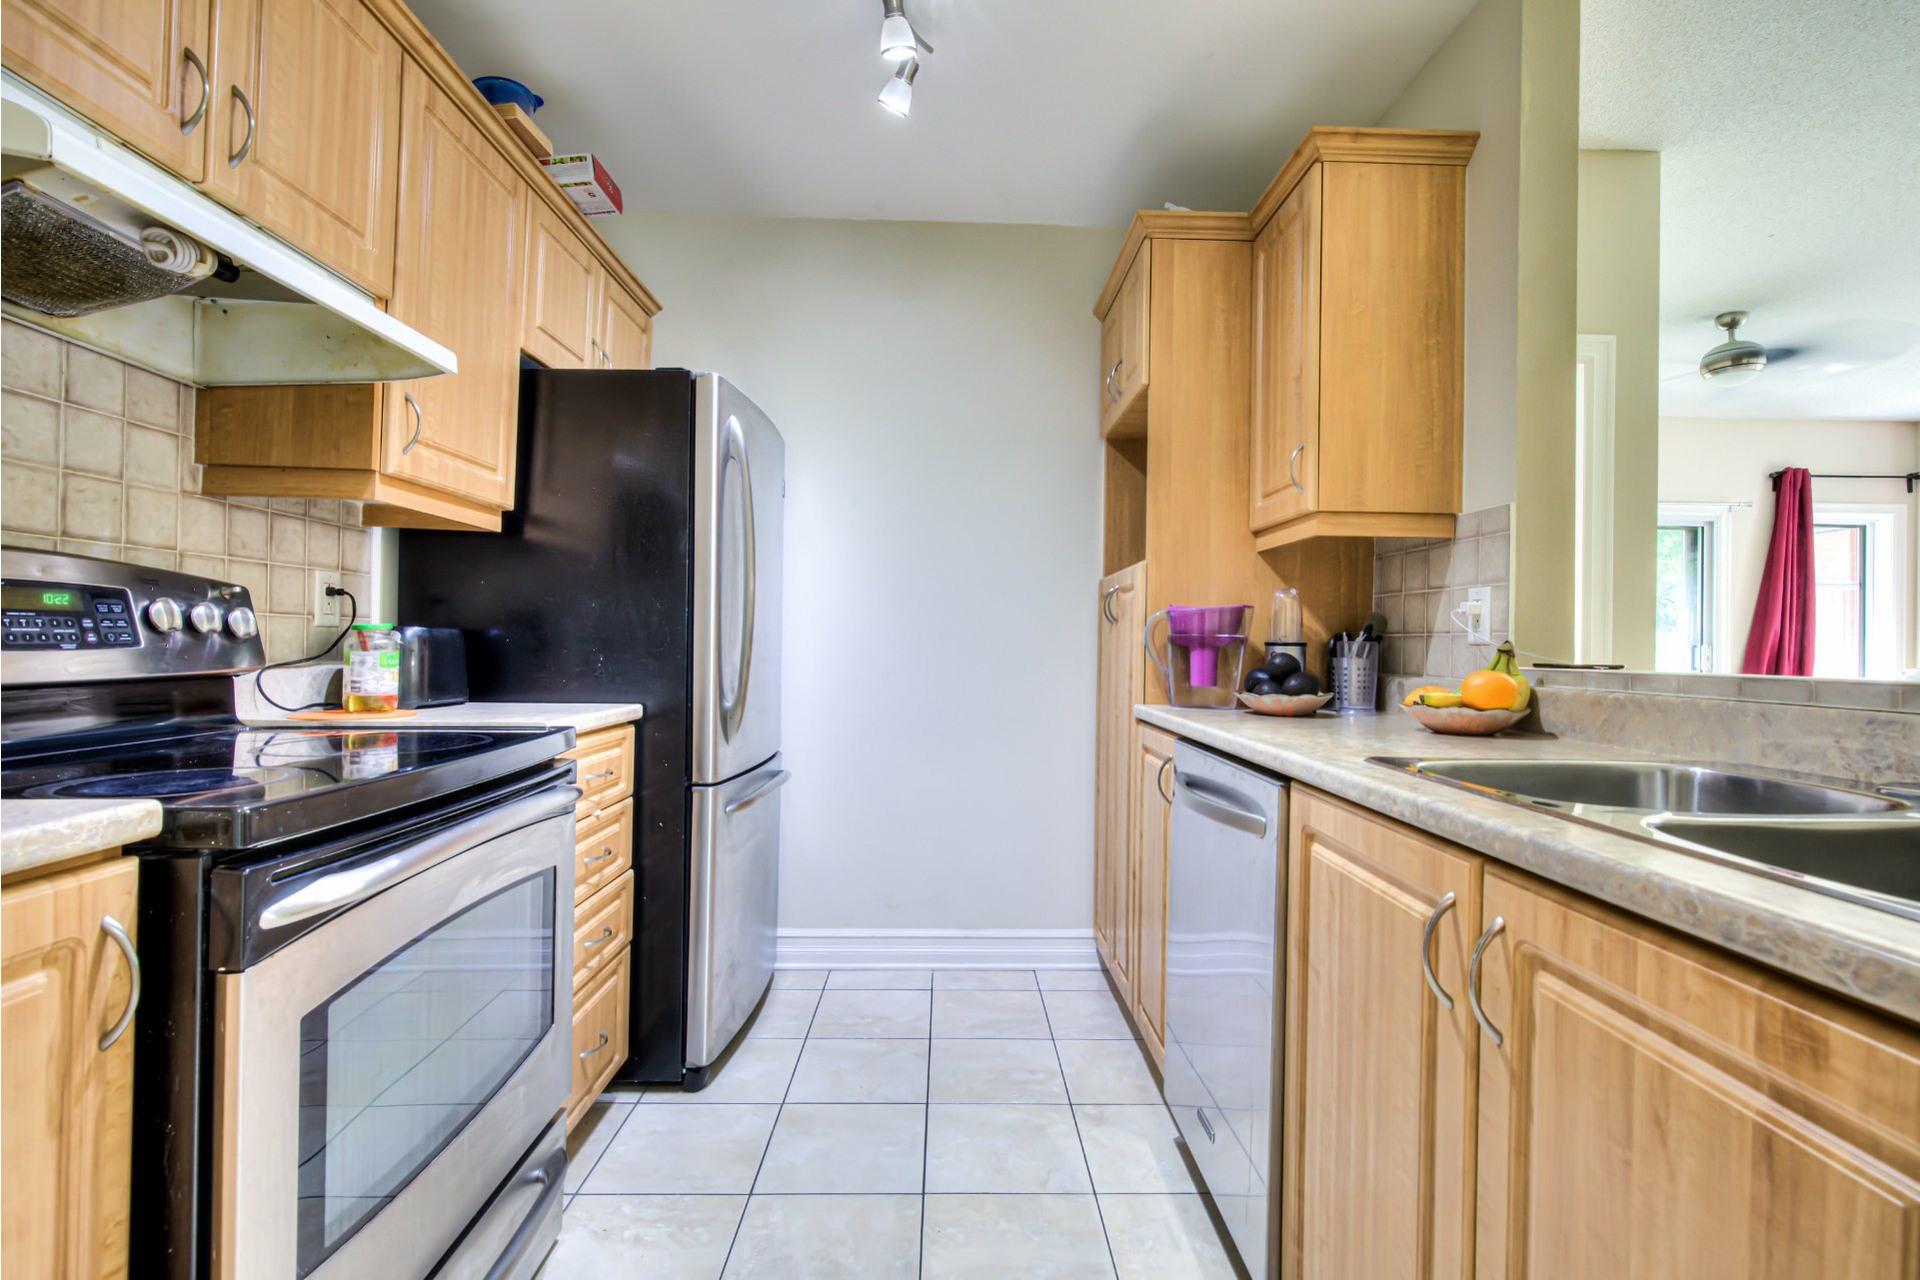 image 6 - Appartement À vendre Saint-Laurent Montréal  - 7 pièces